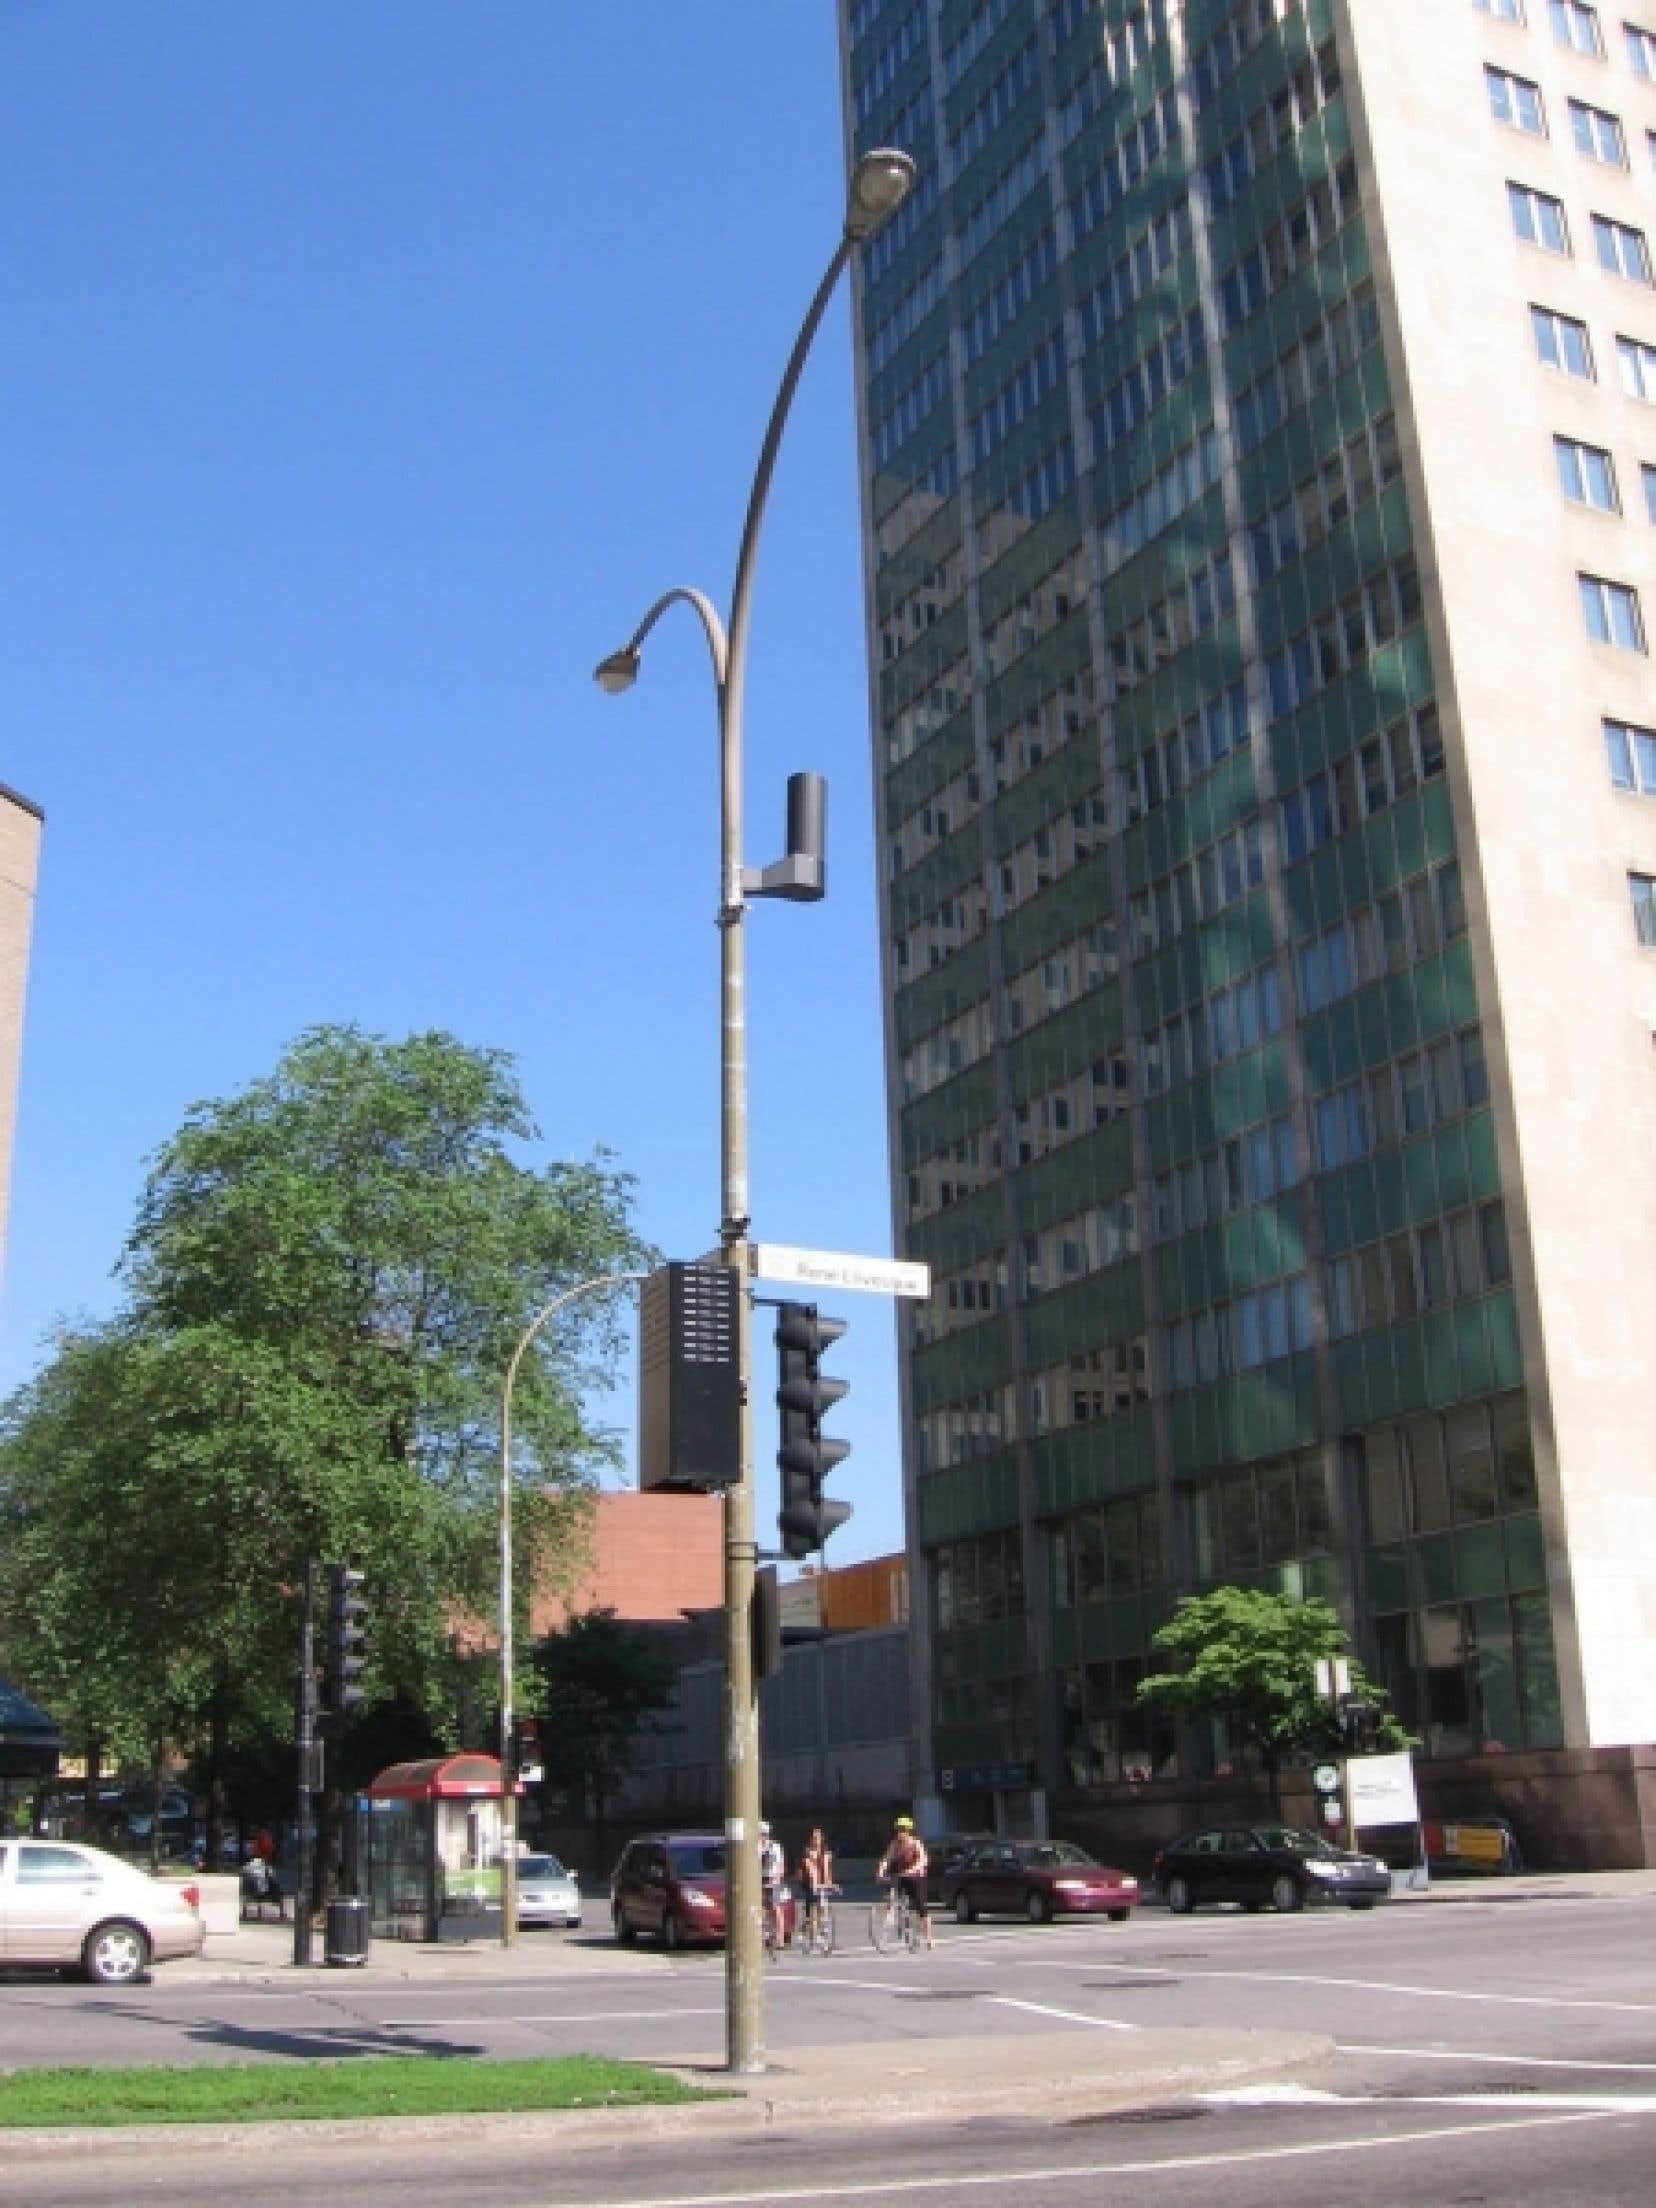 La Ville de Montréal autorisera l'installation d'antennes sur des équipements urbains lui appartenant. Une entente a d'ailleurs été conclue avec l'entreprise Dascom qui entend installer 259 antennes sur des lampadaires et feux de circulation du territoire de l'île de Montréal. On peut voir l'antenne, de forme cylindrique et de couleur noire, juchée sur ce poteau.<br />